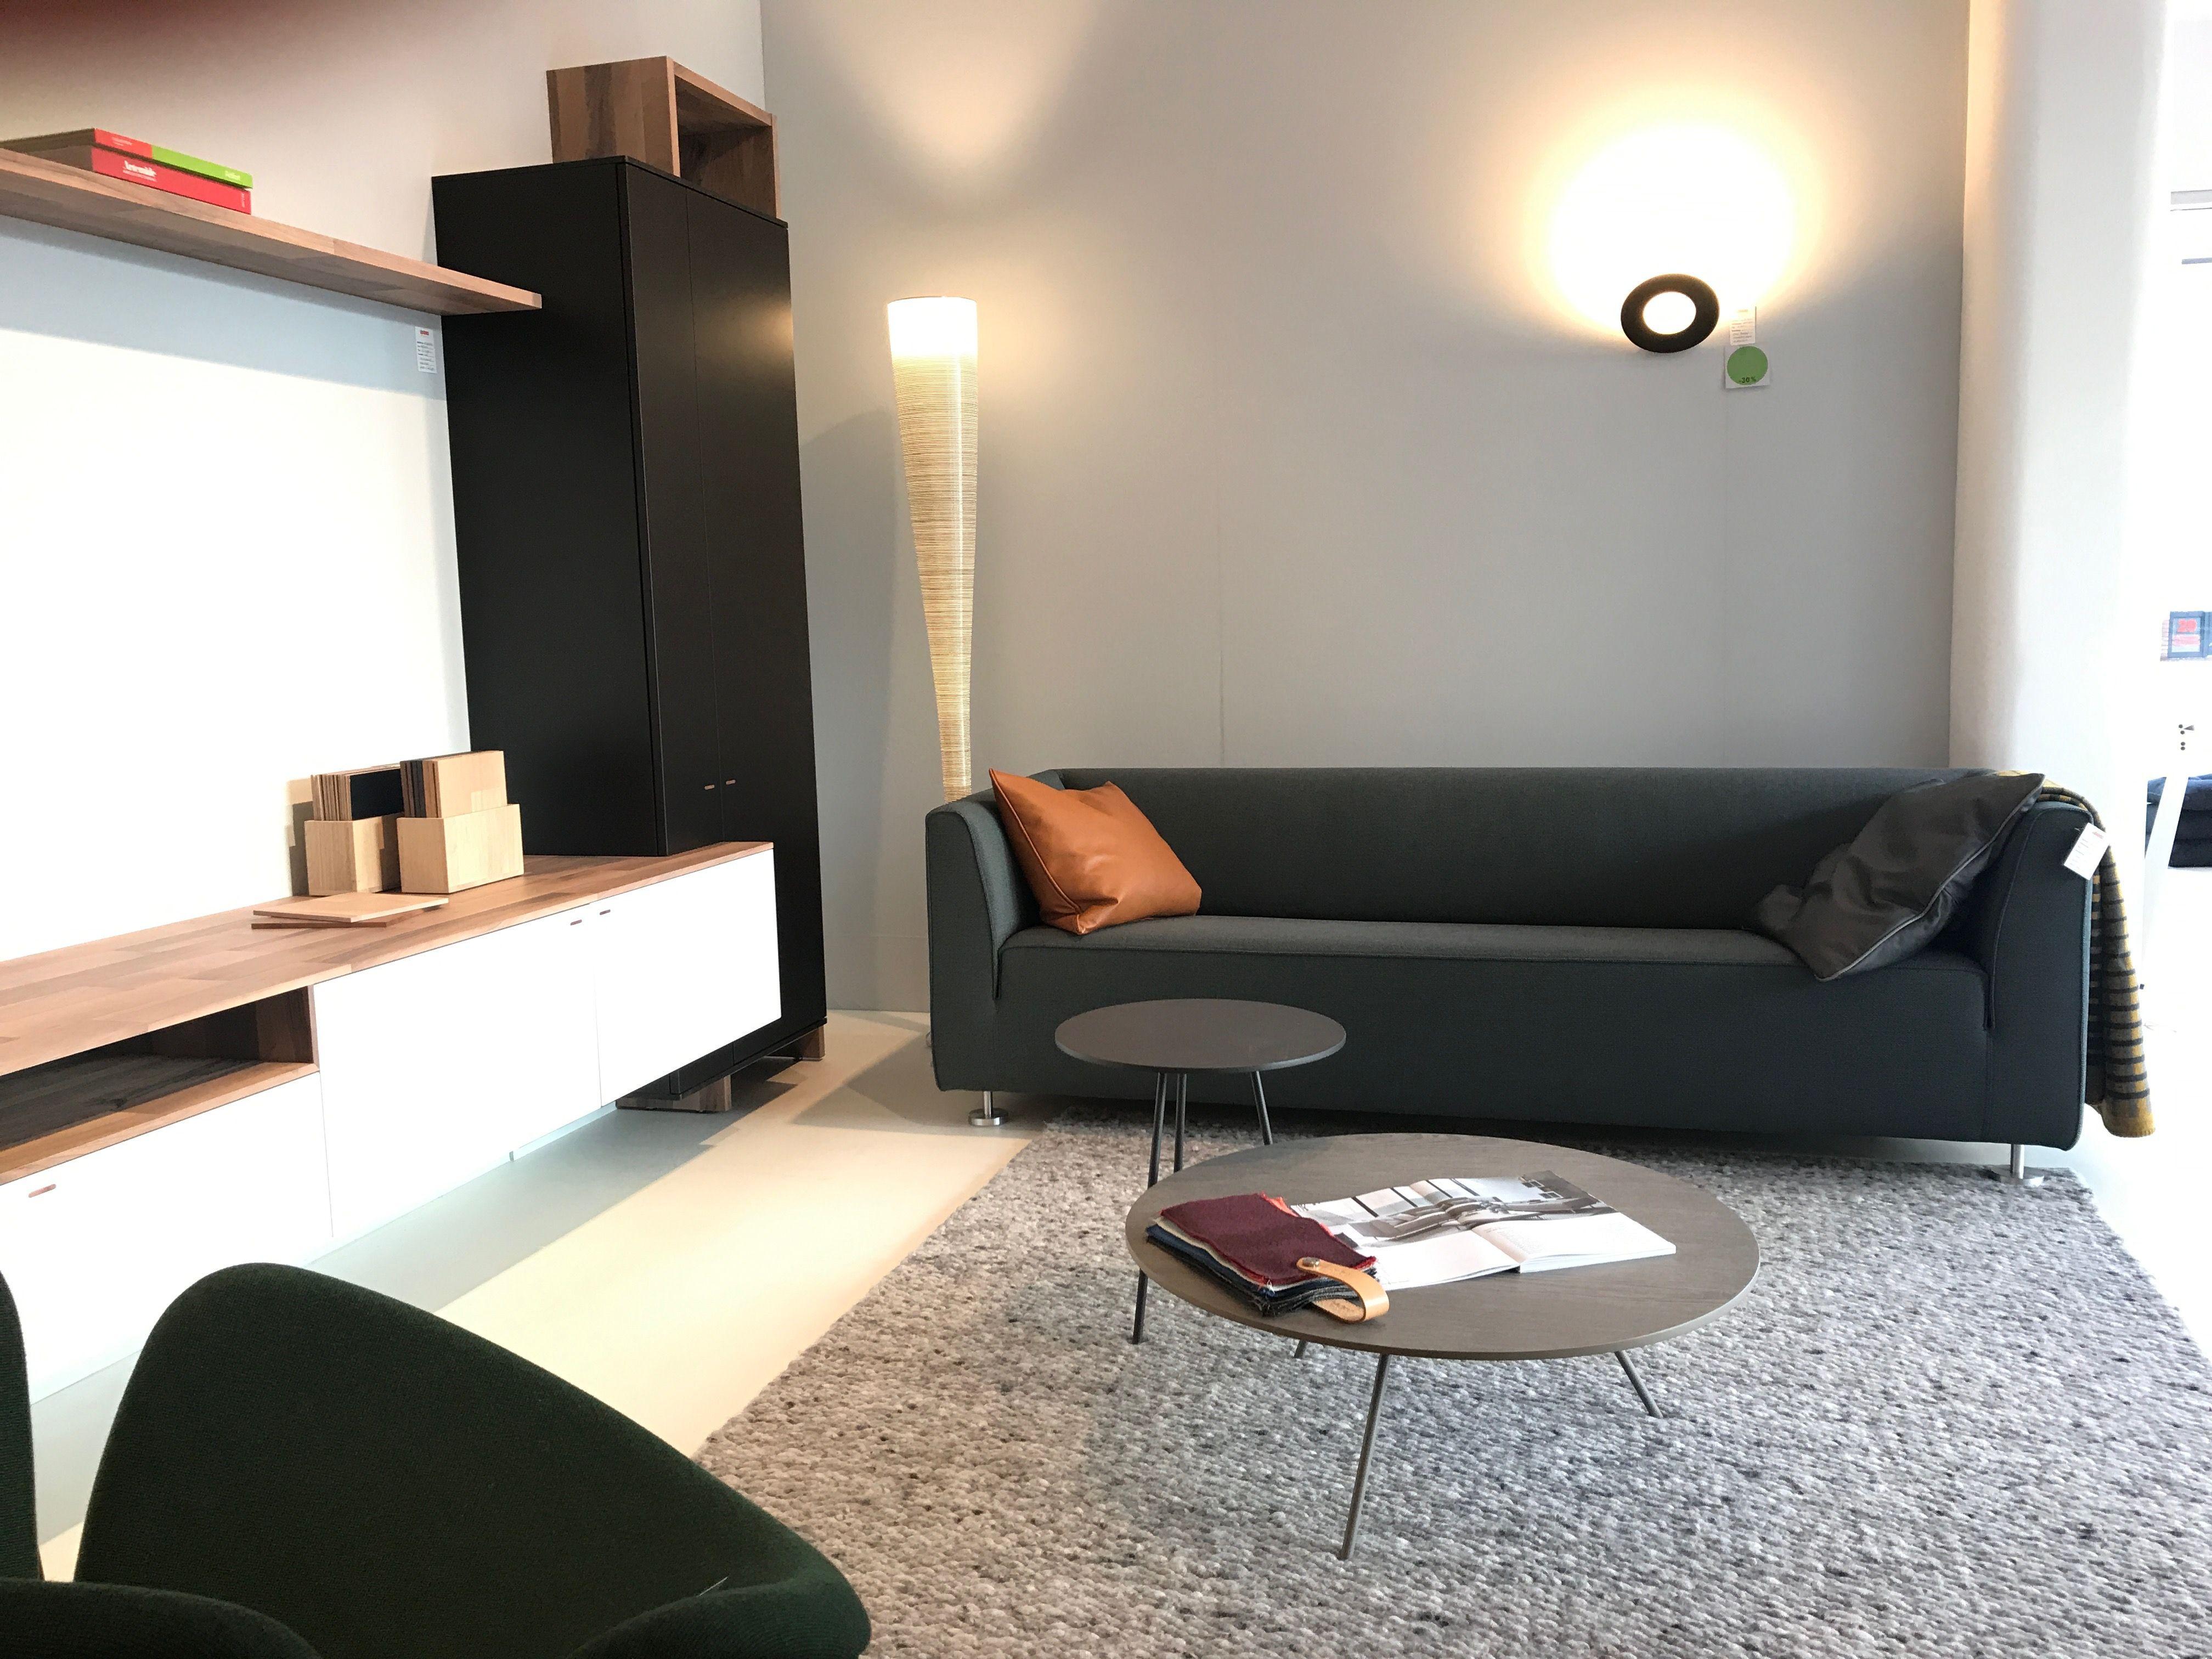 Zwart Leren Bank Gelderland.Gelderland Bank Model 4800 In Een Donker Groene Stof Design